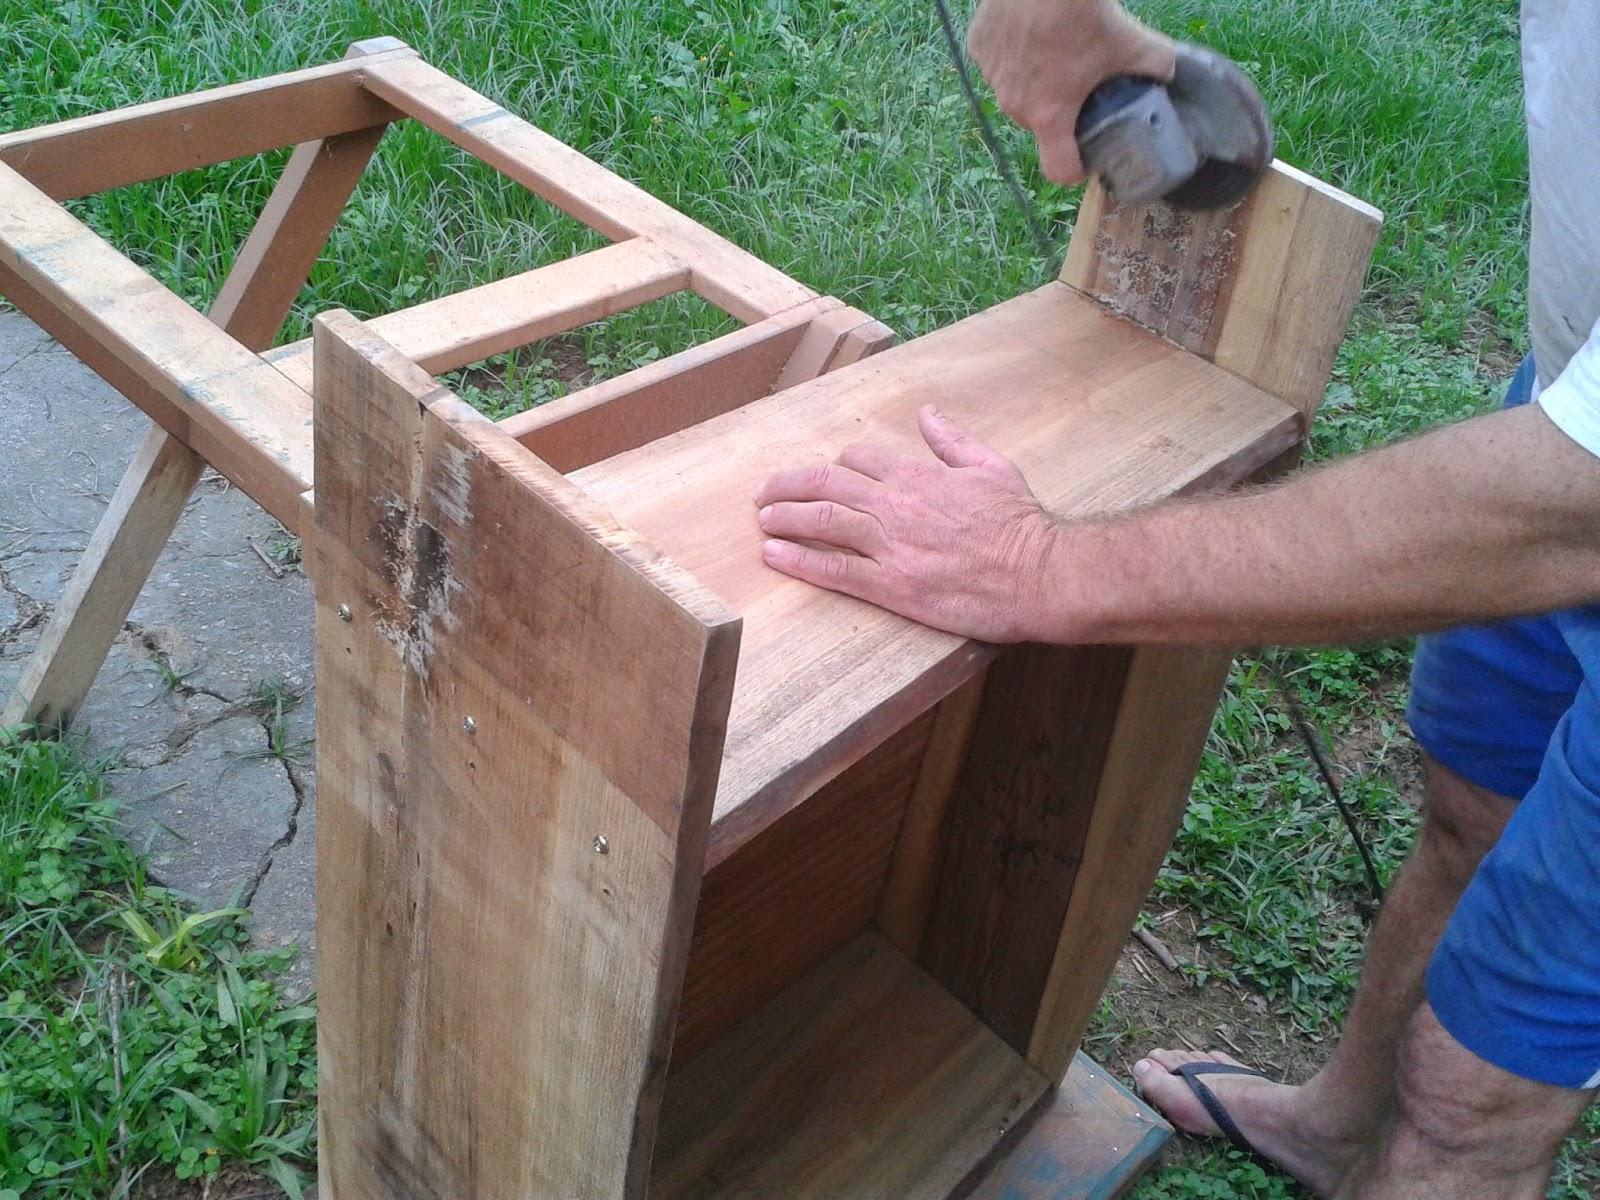 artesanato reciclagem reaproveitamento de madeira. #183C81 1600x1200